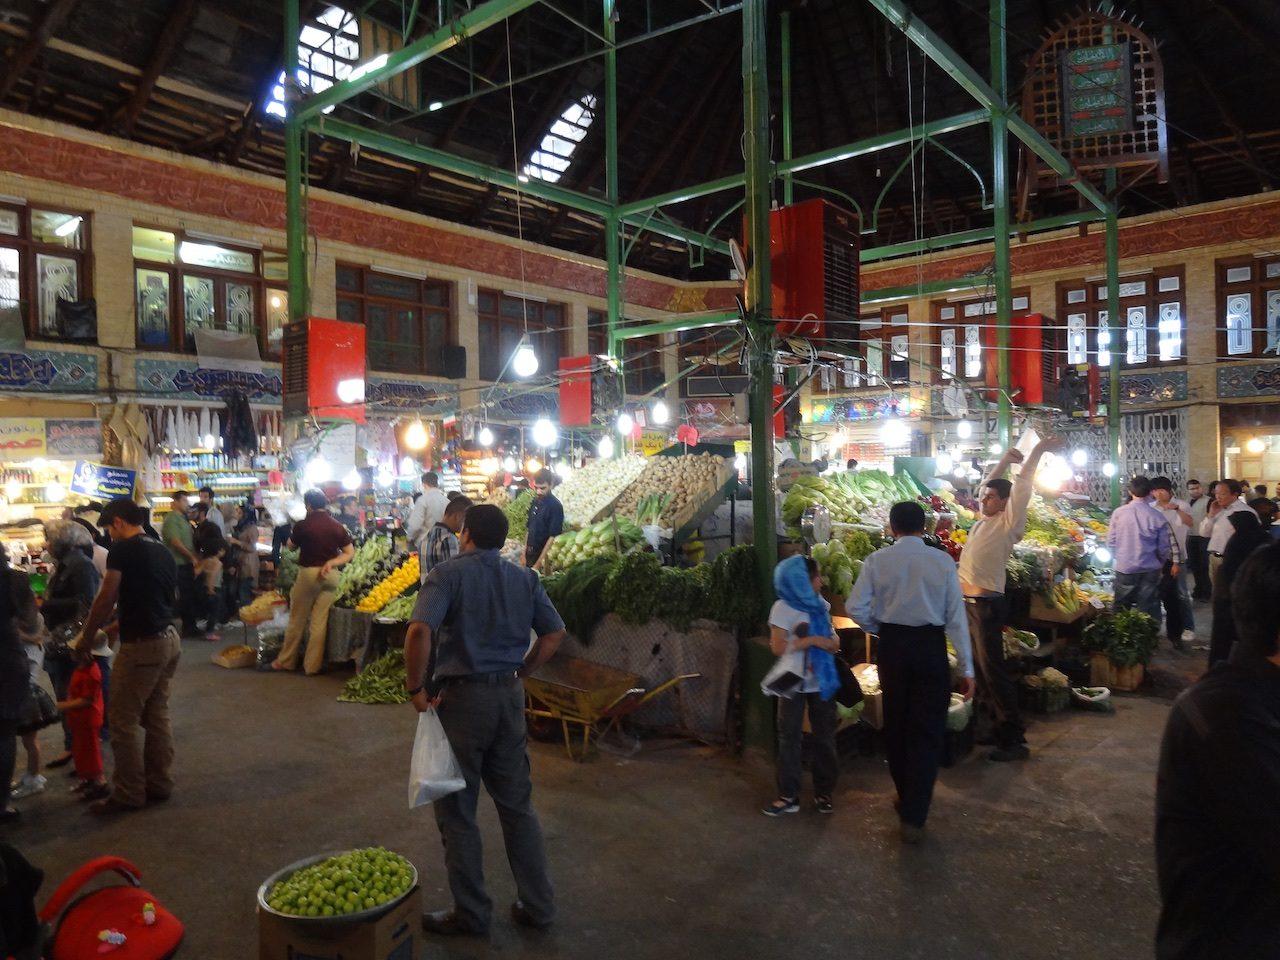 Tajrish Bazaar